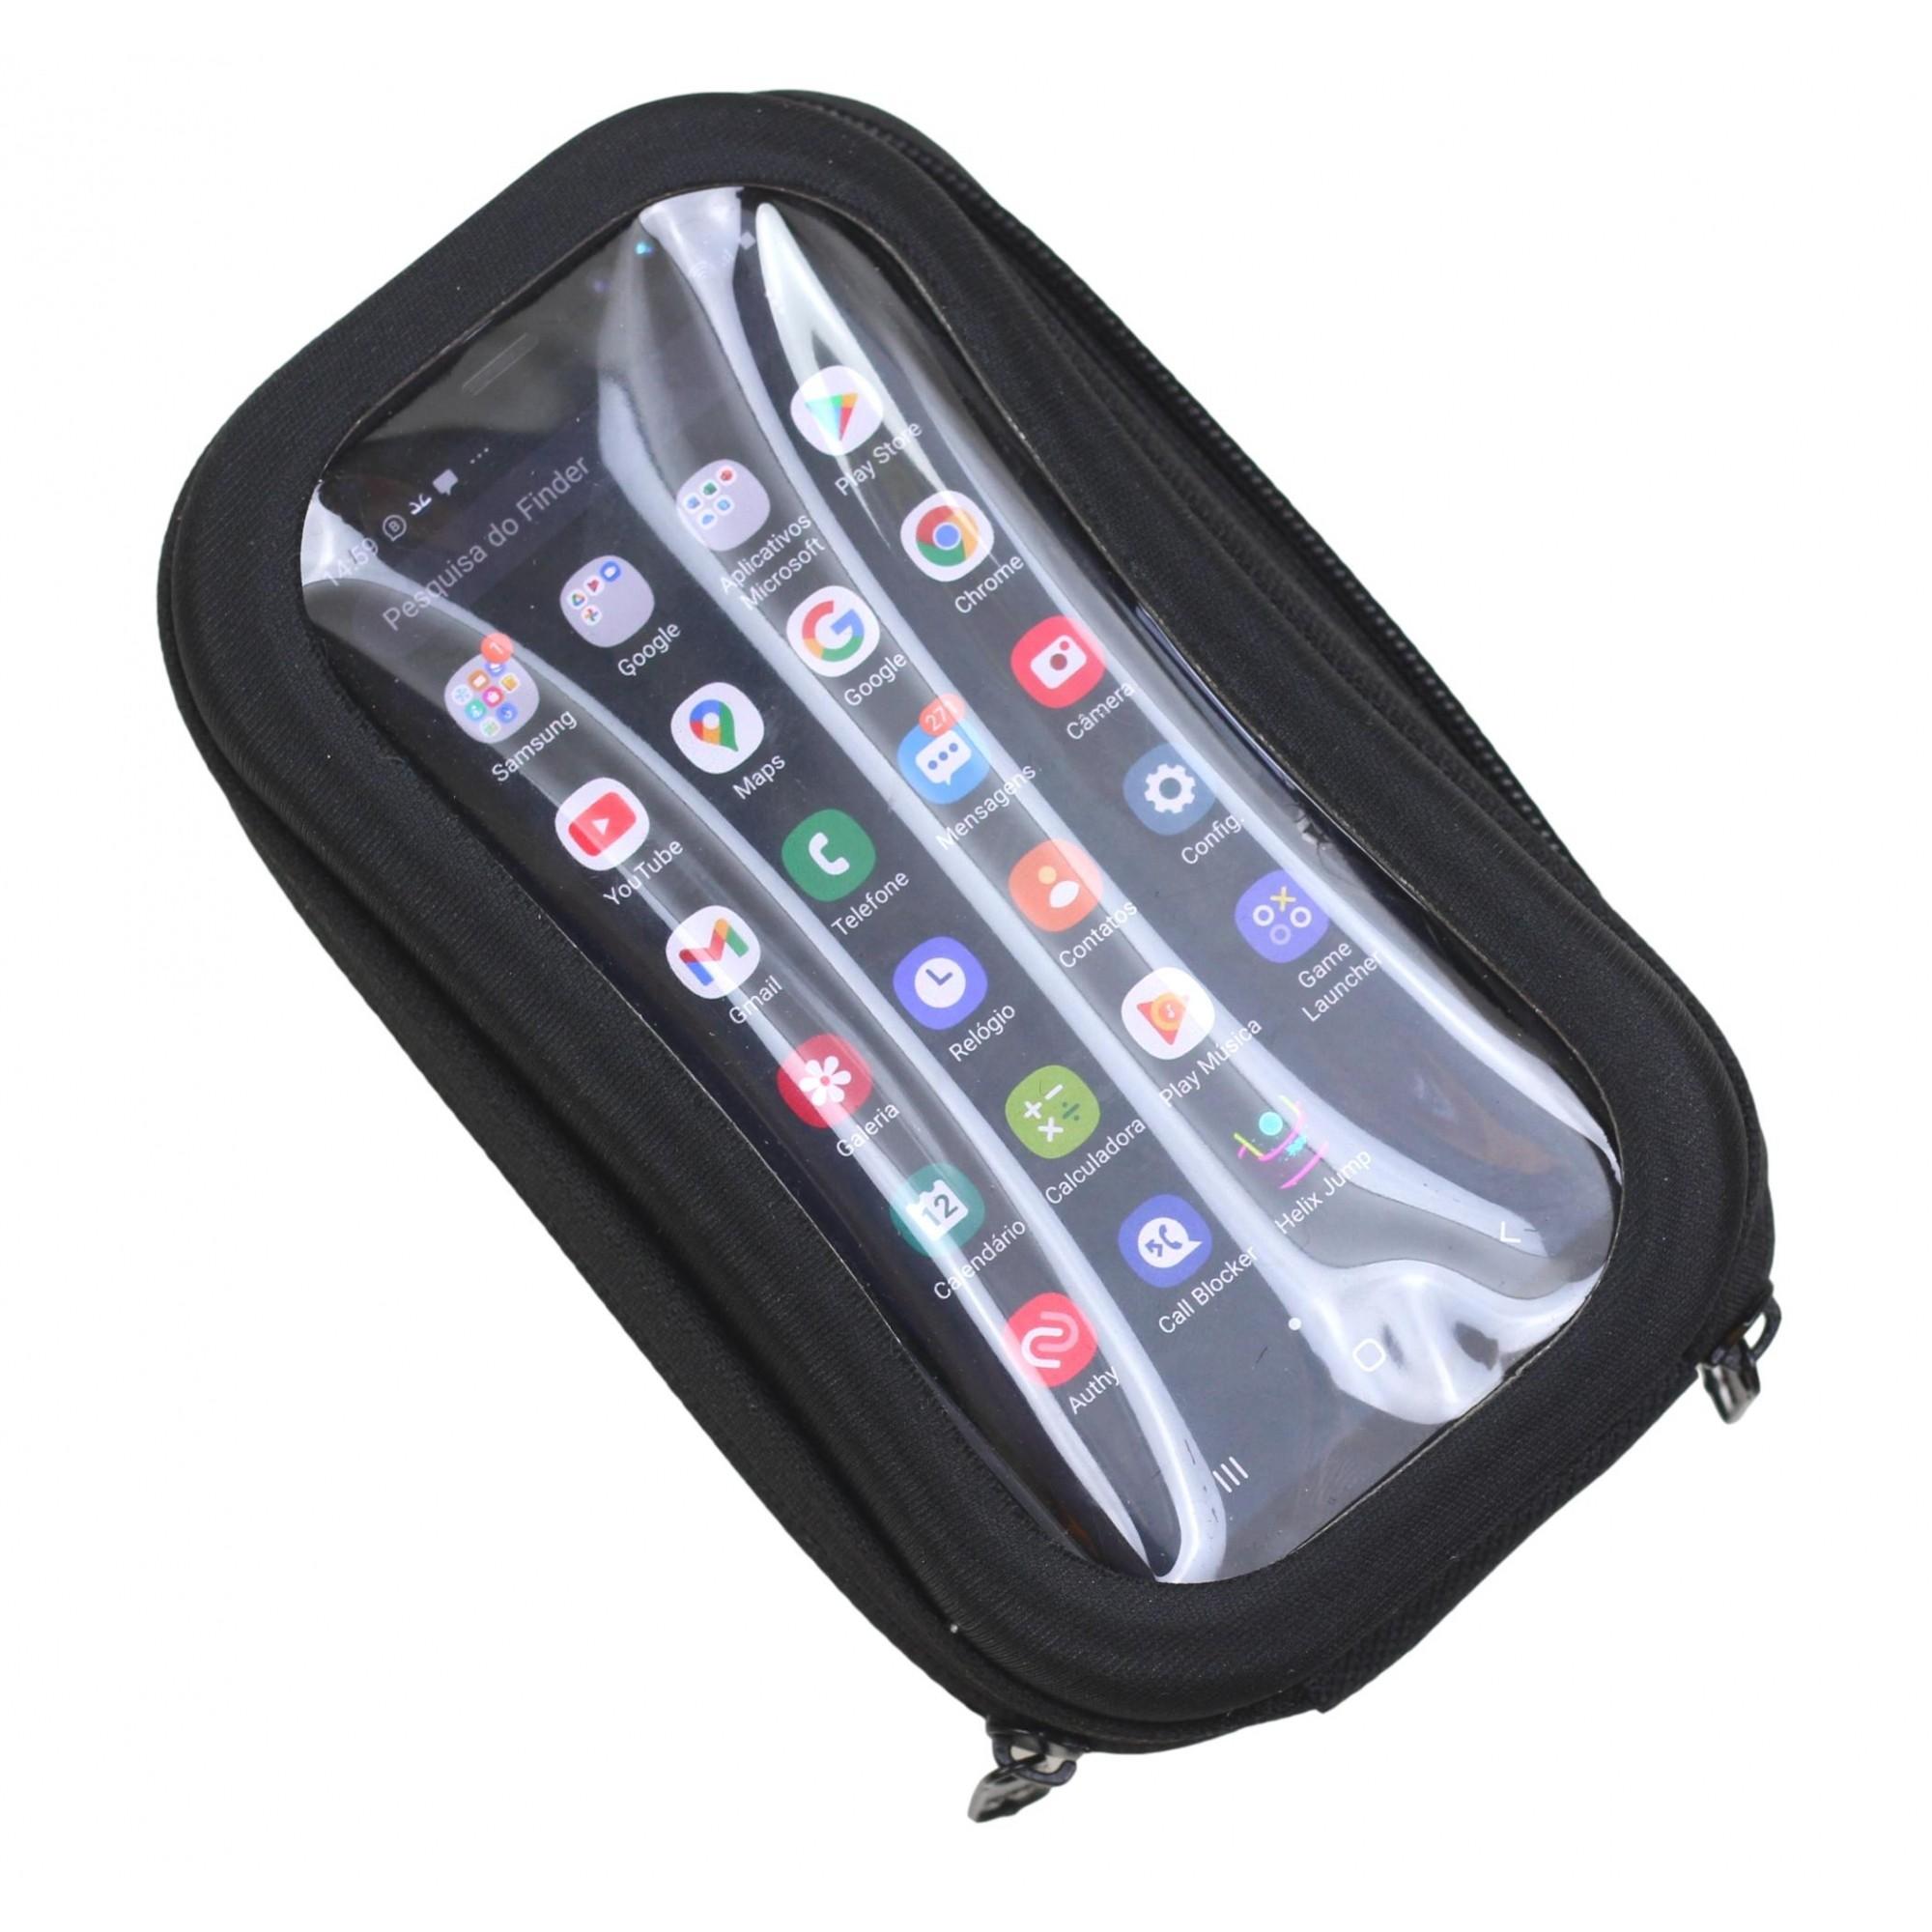 Bolsa Porta Celular Para Guidão de Bicicletas com Visor Serve Celular até 6 polegadas